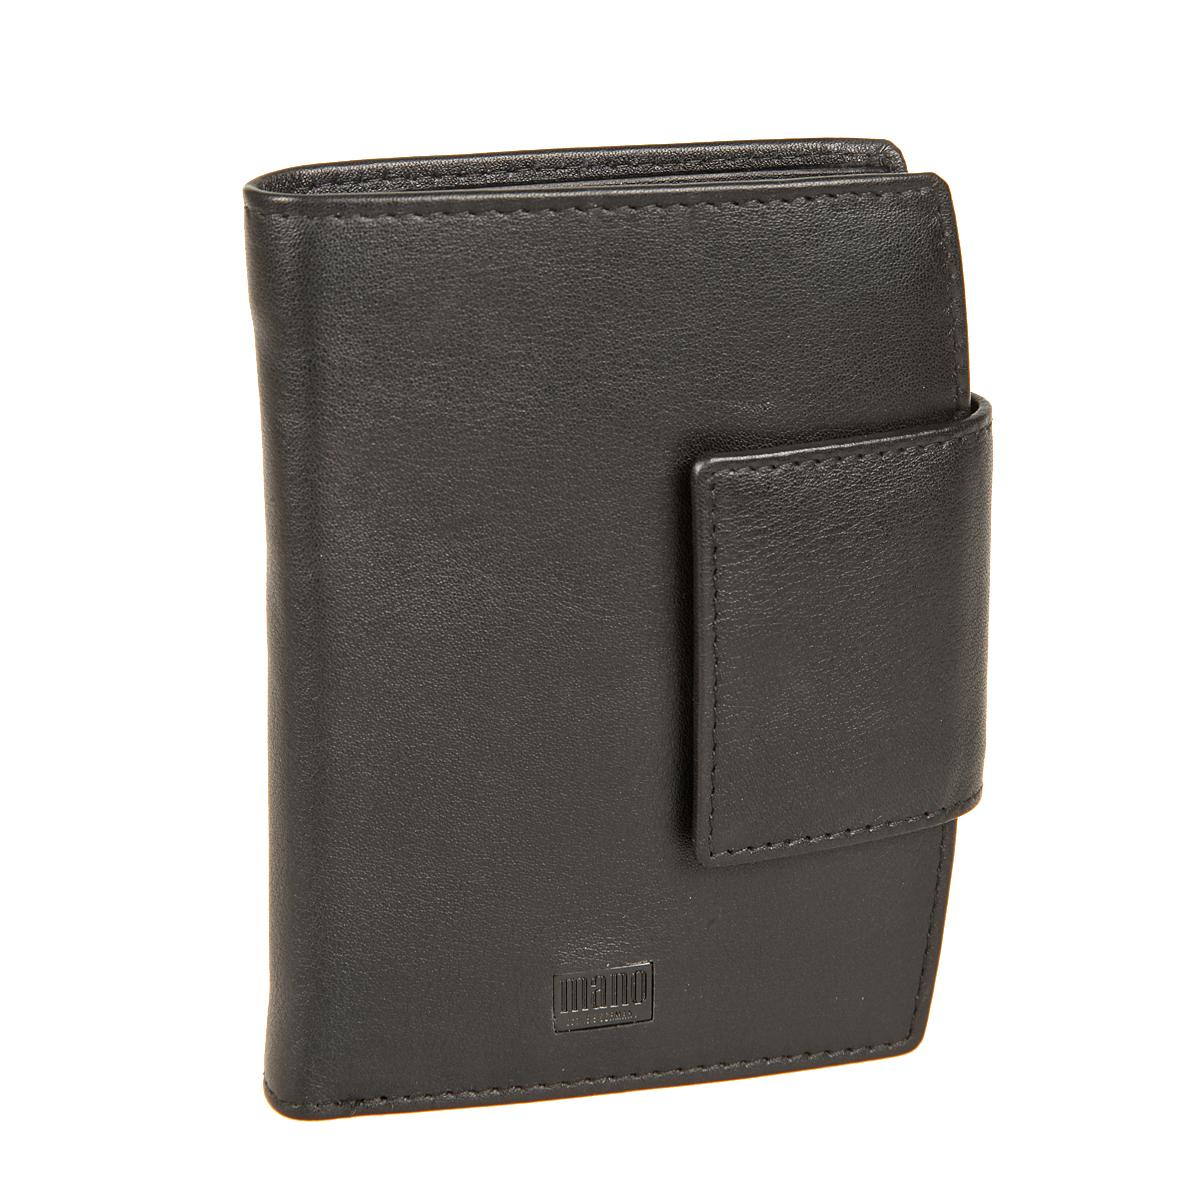 Портмоне мужское Mano, цвет: черный. 1910919109 tabula blackСтильное мужское портмоне Mano выполнено из натуральной кожи, оформлено металлической пластинкой с логотипом бренда. Модель закрывается хлястиком на кнопку. Внутри - два отделения для купюр, отдел для мелочи с клапаном на кнопке, шесть потайных отделений, одно отделение с сетчатой вставкой и шесть отделений для визитных и пластиковых карт. Портмоне упаковано в фирменную картонную коробку.